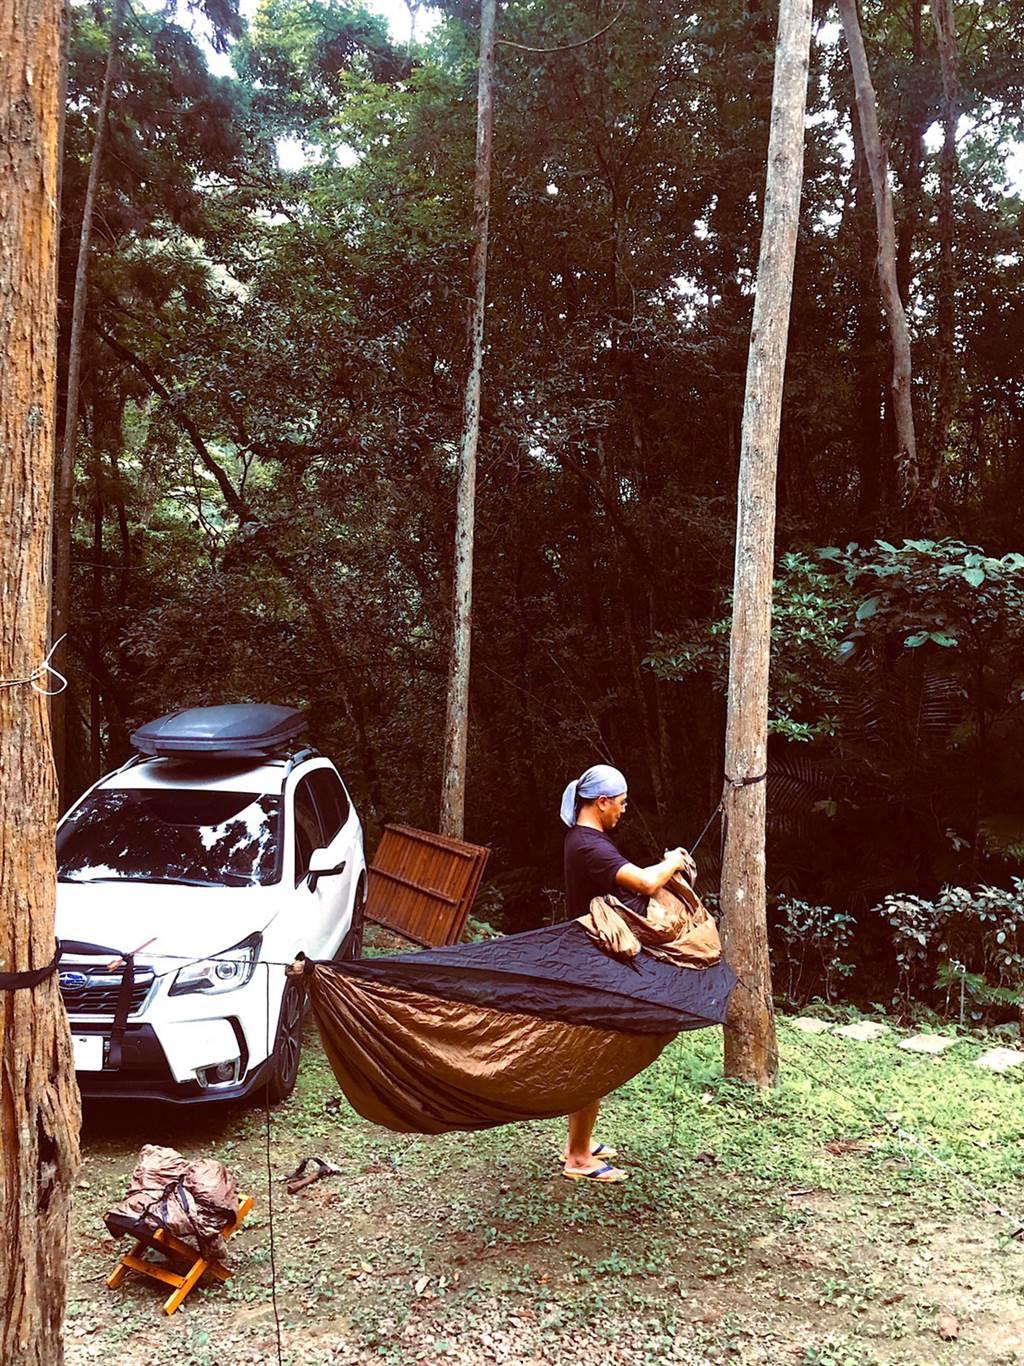 台灣意美汽車邀請真實素人車主,拍攝年度品牌形象影片「SUBARU挺你 #最重要的事」,敬邀車主一同分享與愛車最扣人心弦的精彩故事。